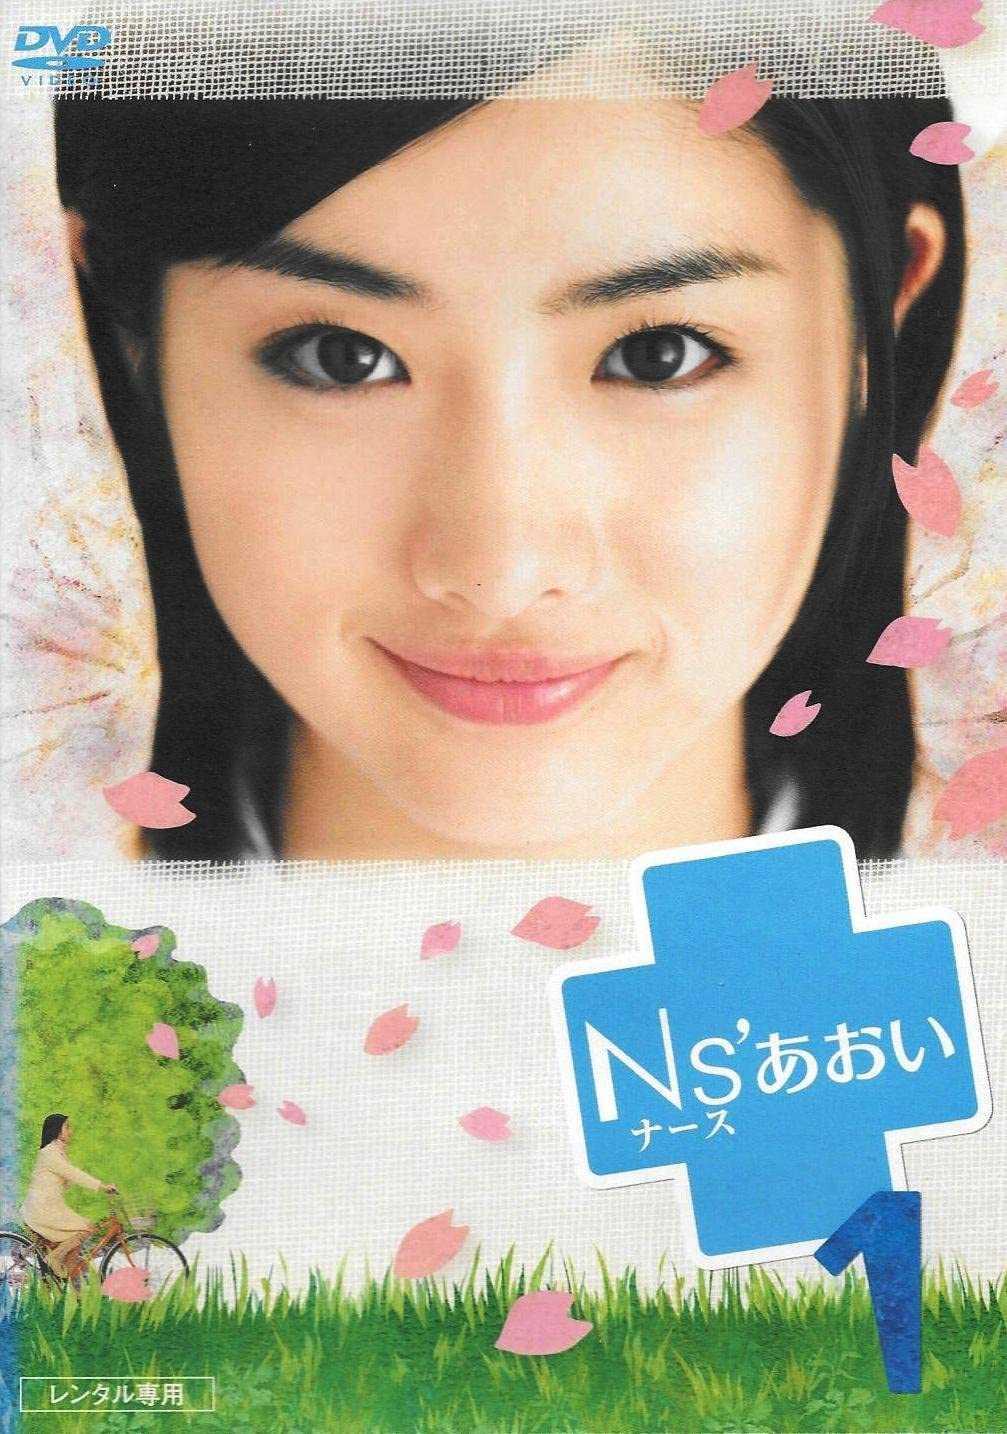 nurse-aoi-อาโออิ-พยาบาลสาวหัวใจเต็มร้อย-2006-ตอนที่-1-11-ซับไทย-จบ-